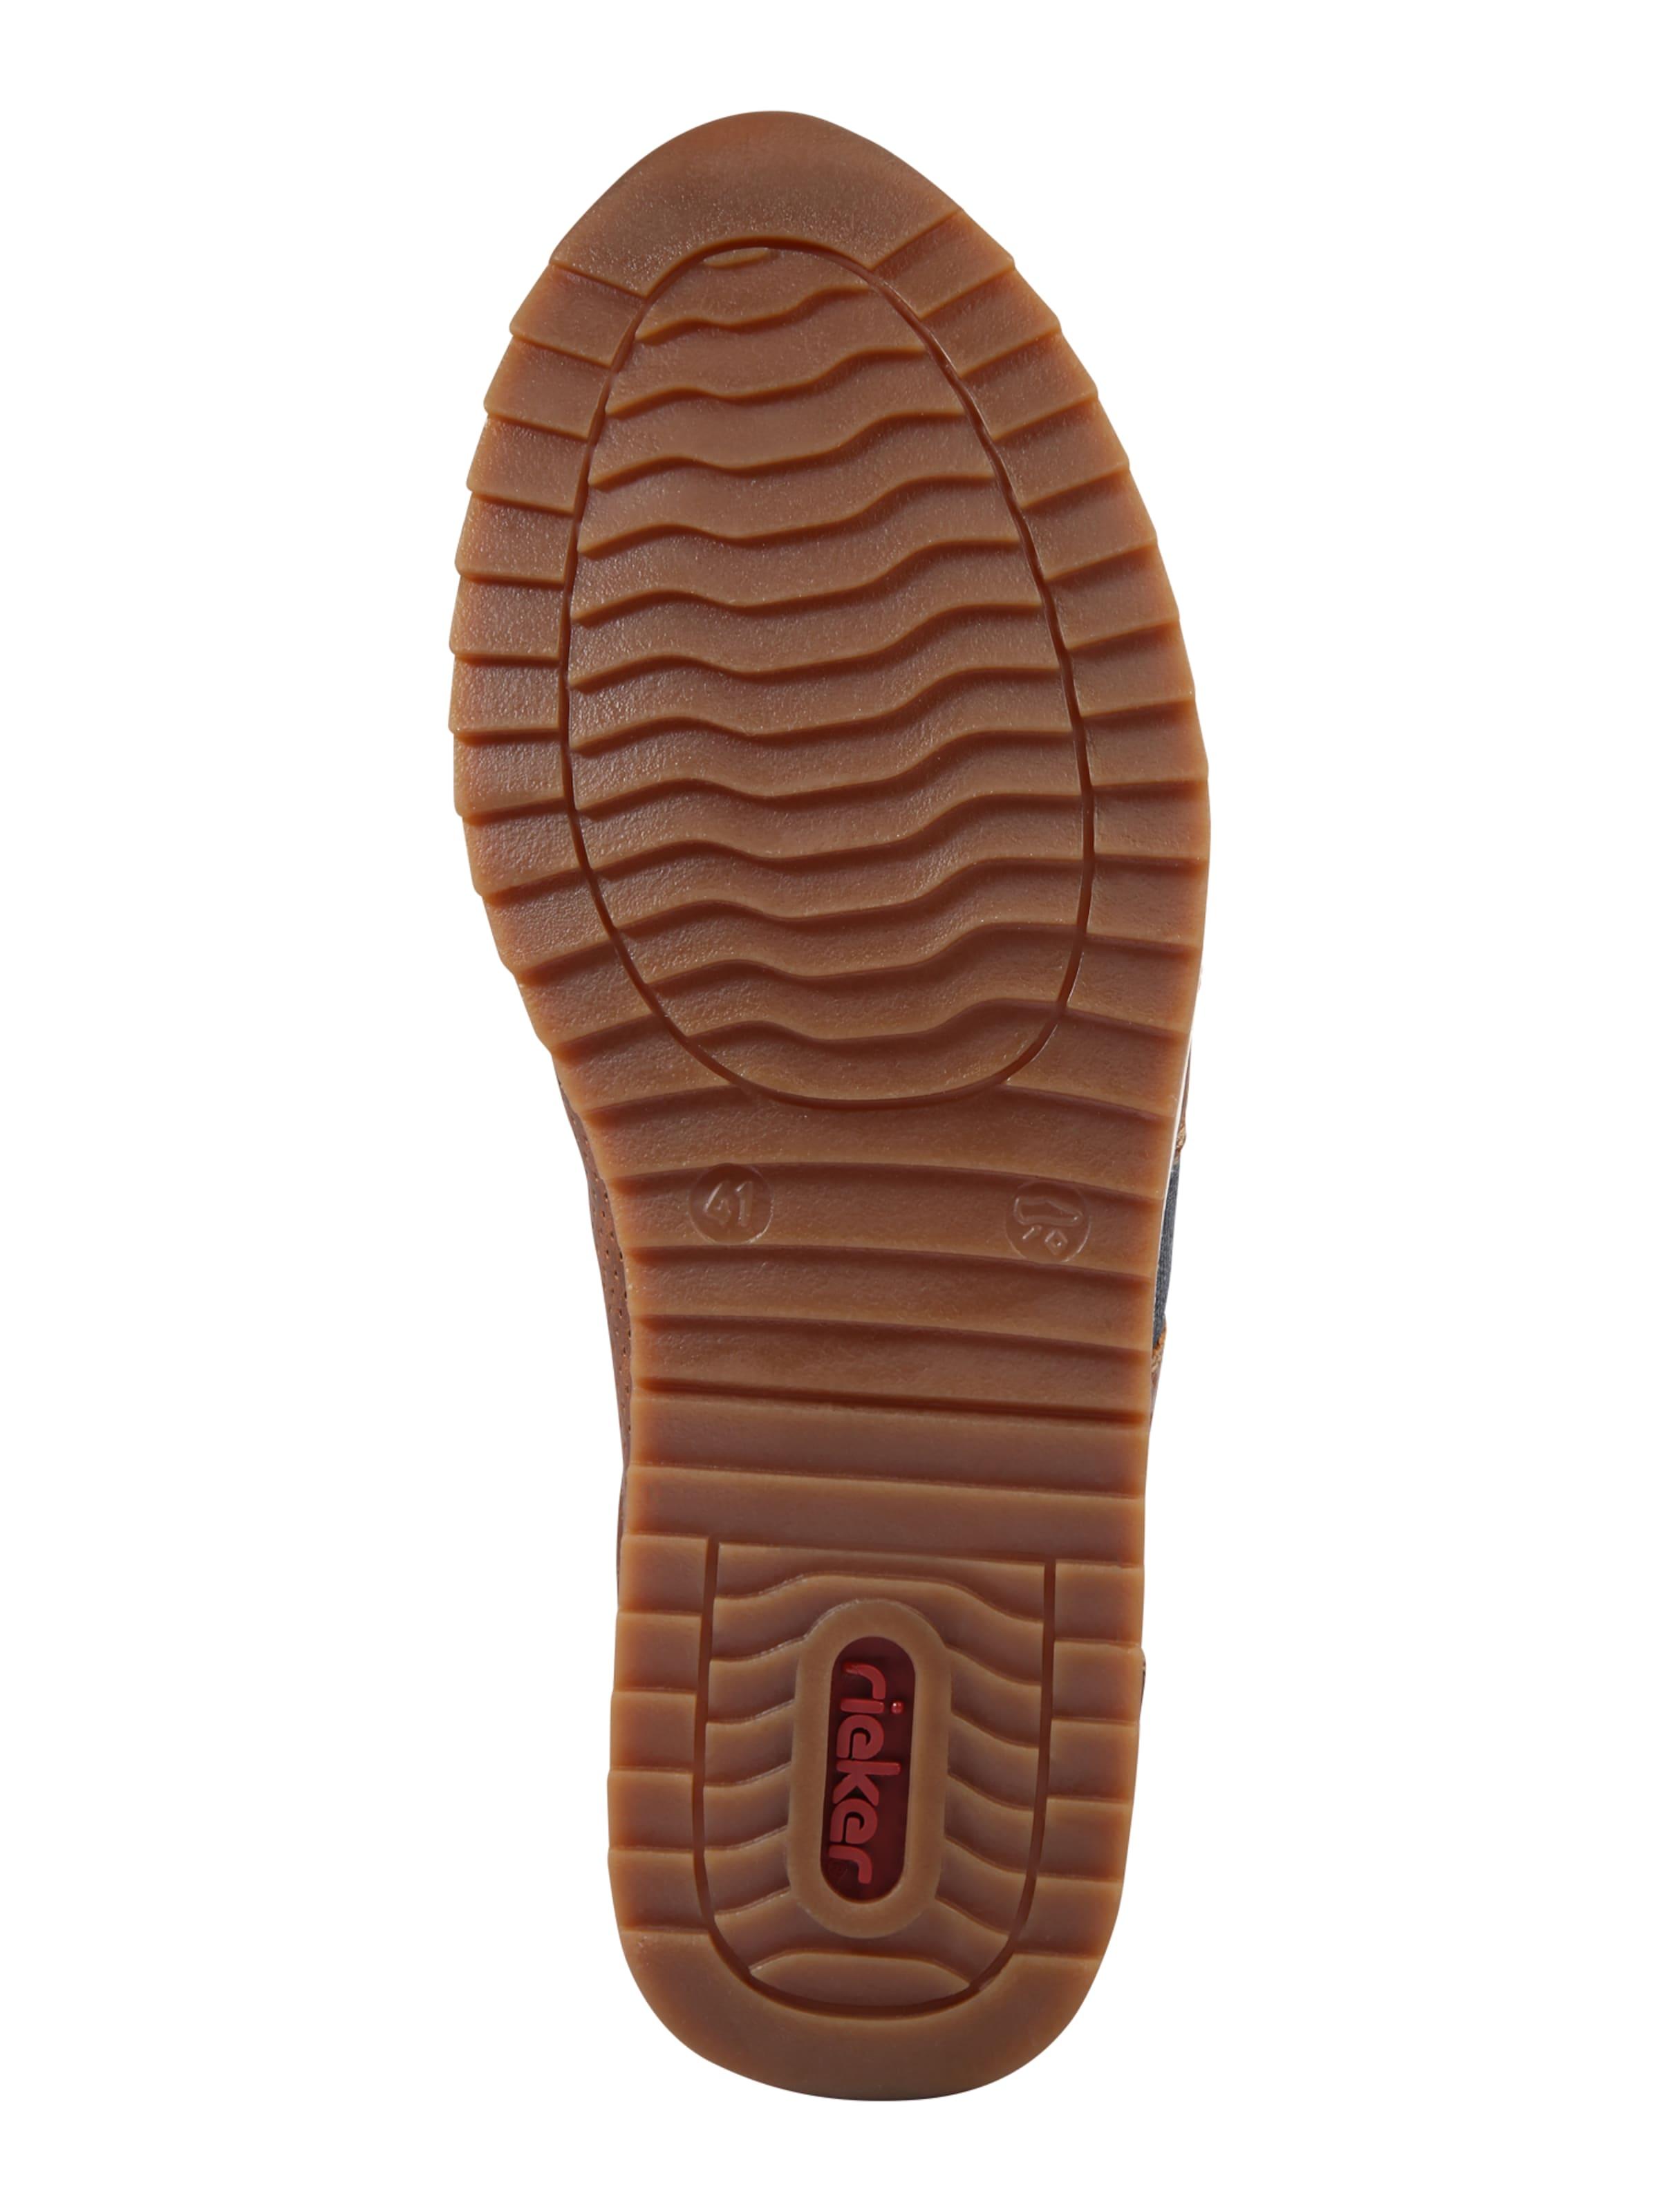 RIEKER Turnschuhe Turnschuhe RIEKER sonstiges Material, Textil Bequem, gut aussehend 927473